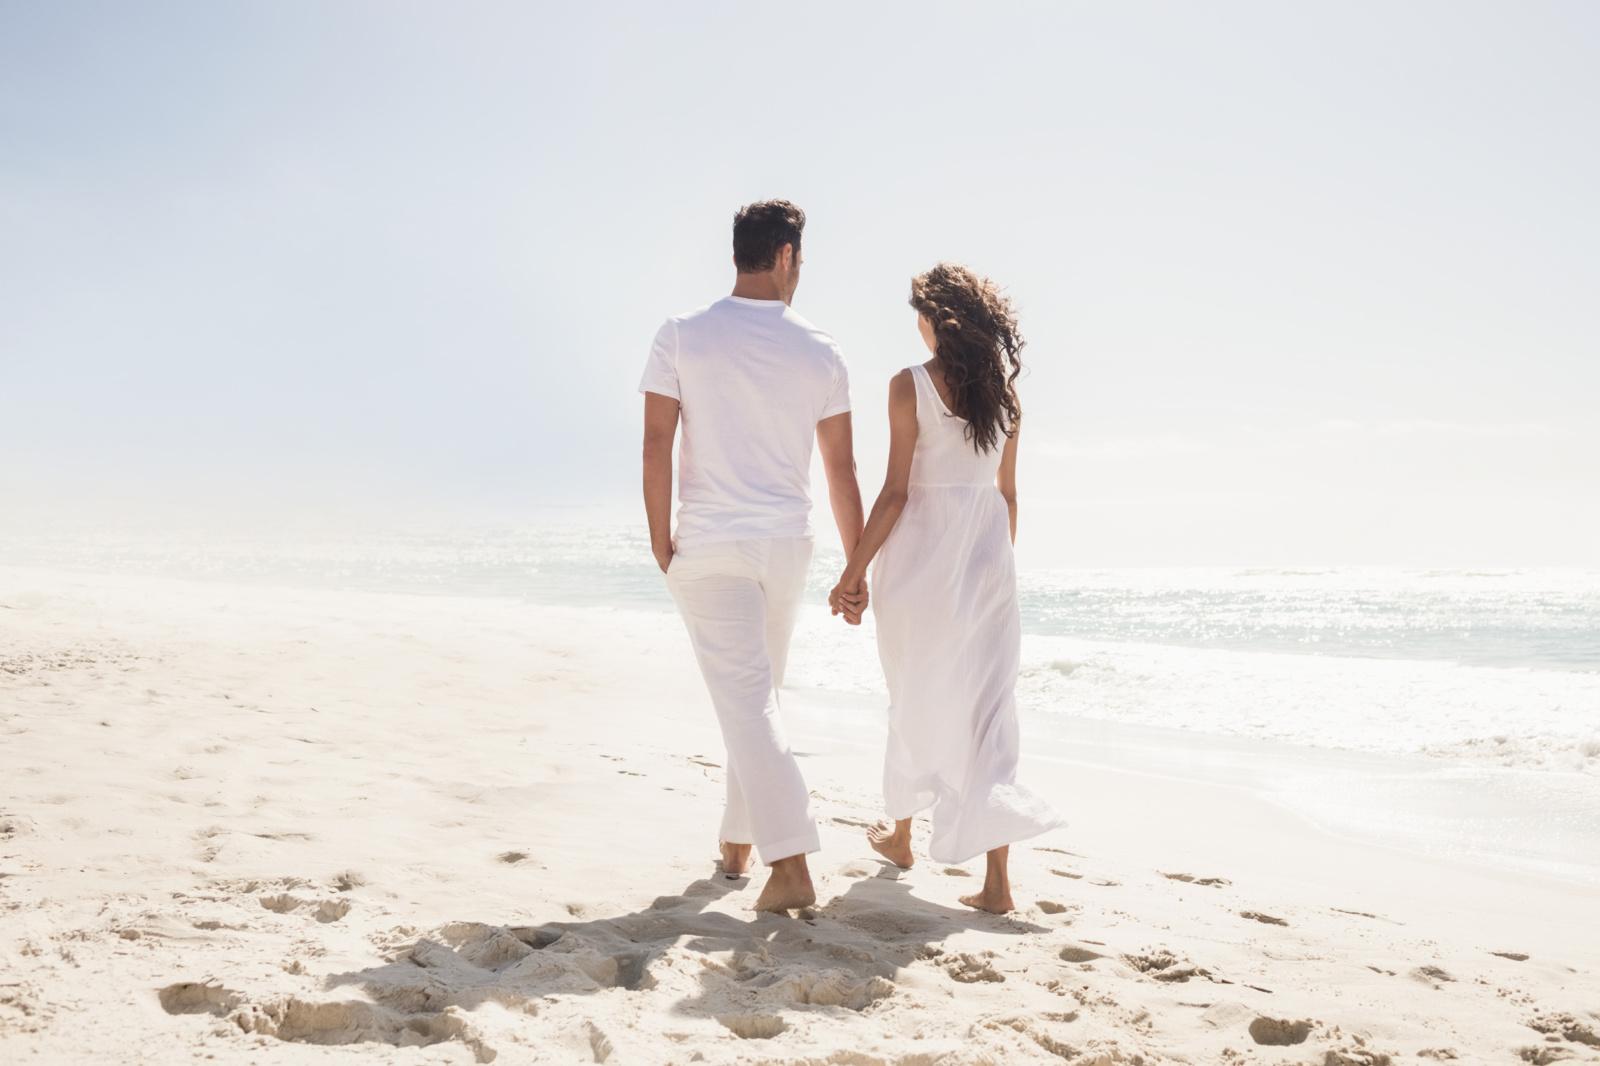 Kokias moteris į žmonas ima skirtingų Zodiako ženklų atstovai vyrai?